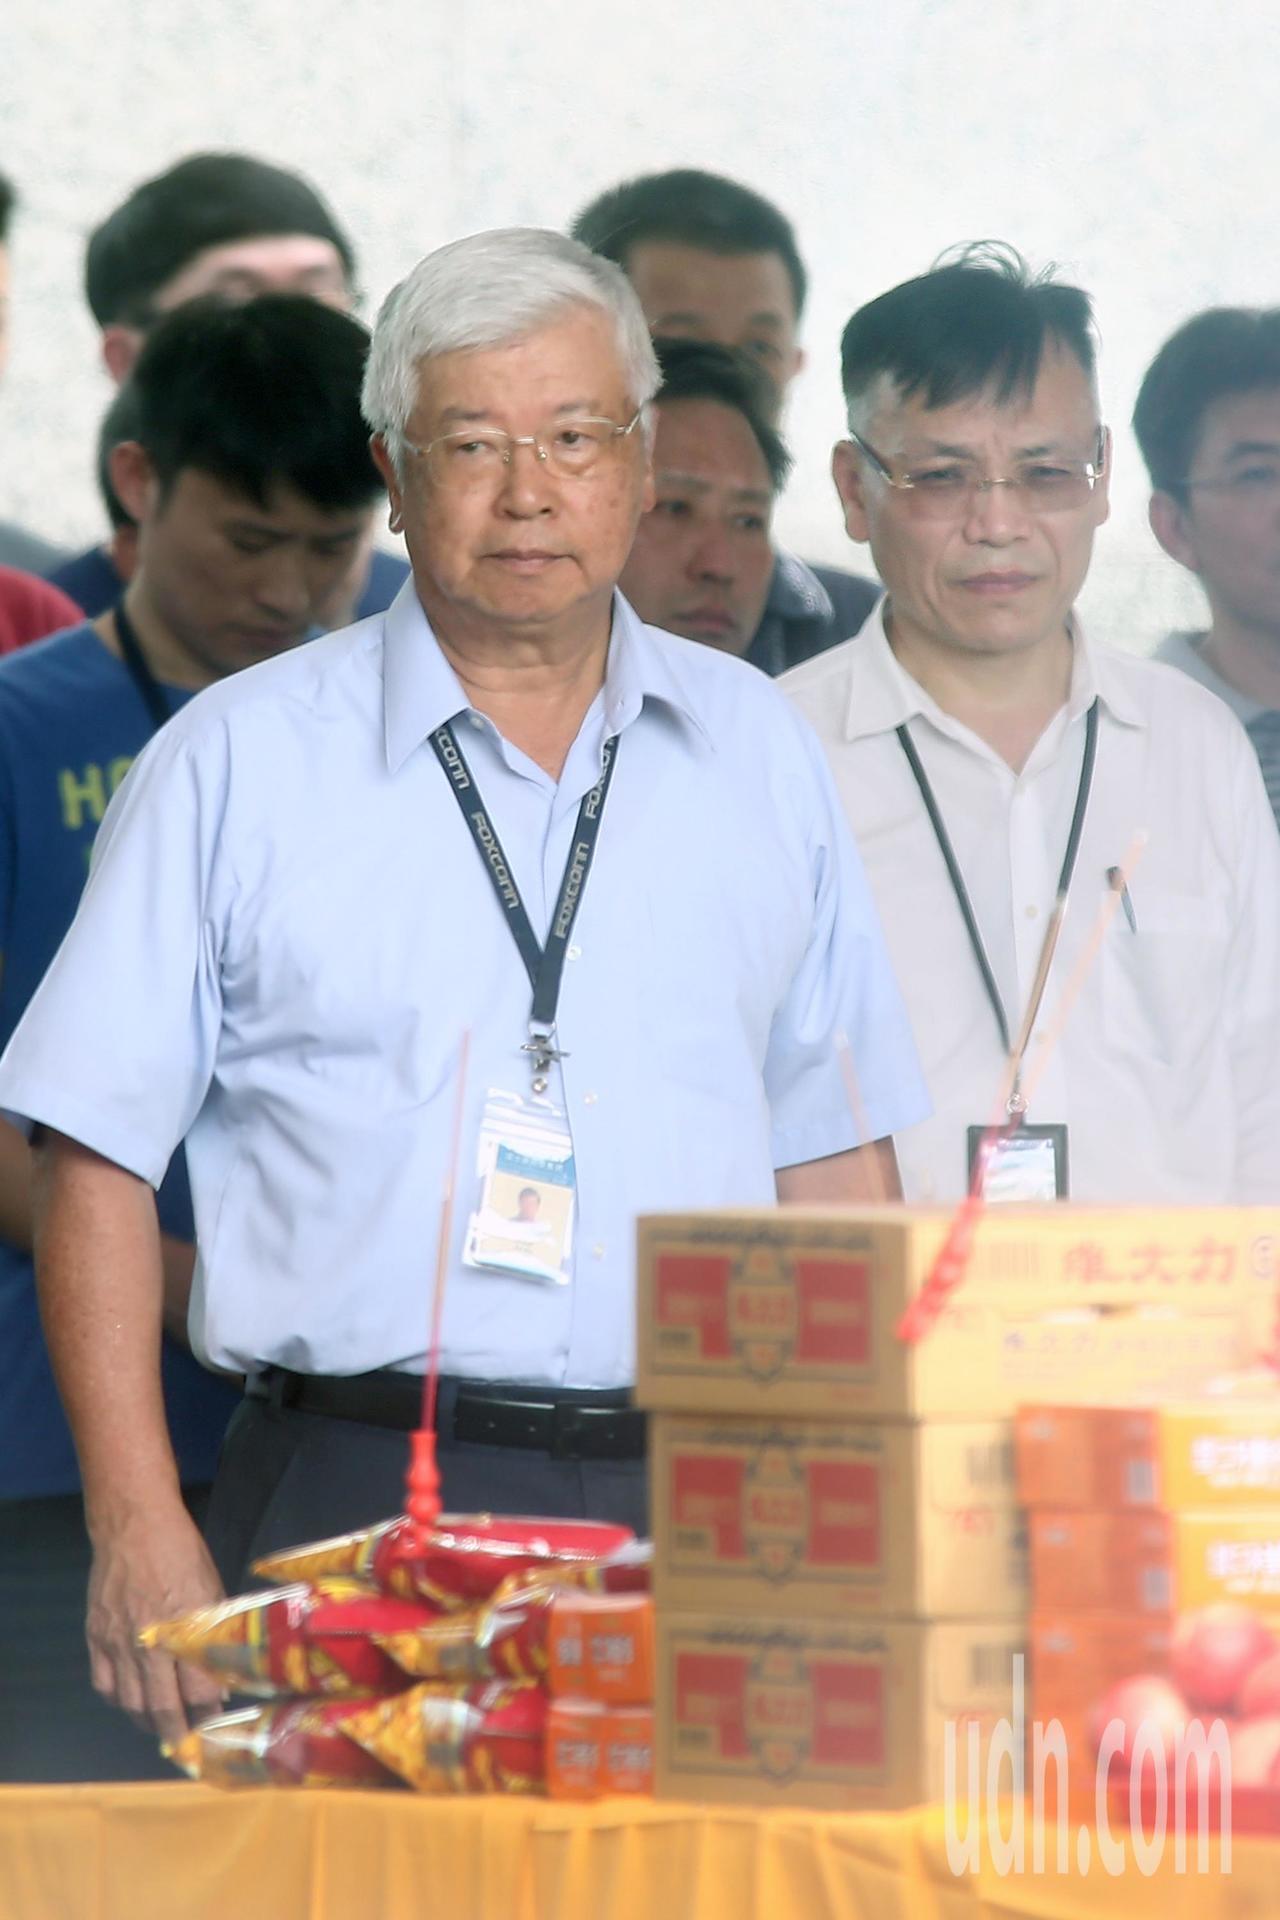 鴻海副總裁吳惠鋒(左)與鴻海經營委員會9人小組成員、夏普董事候選人林忠正(右)下...